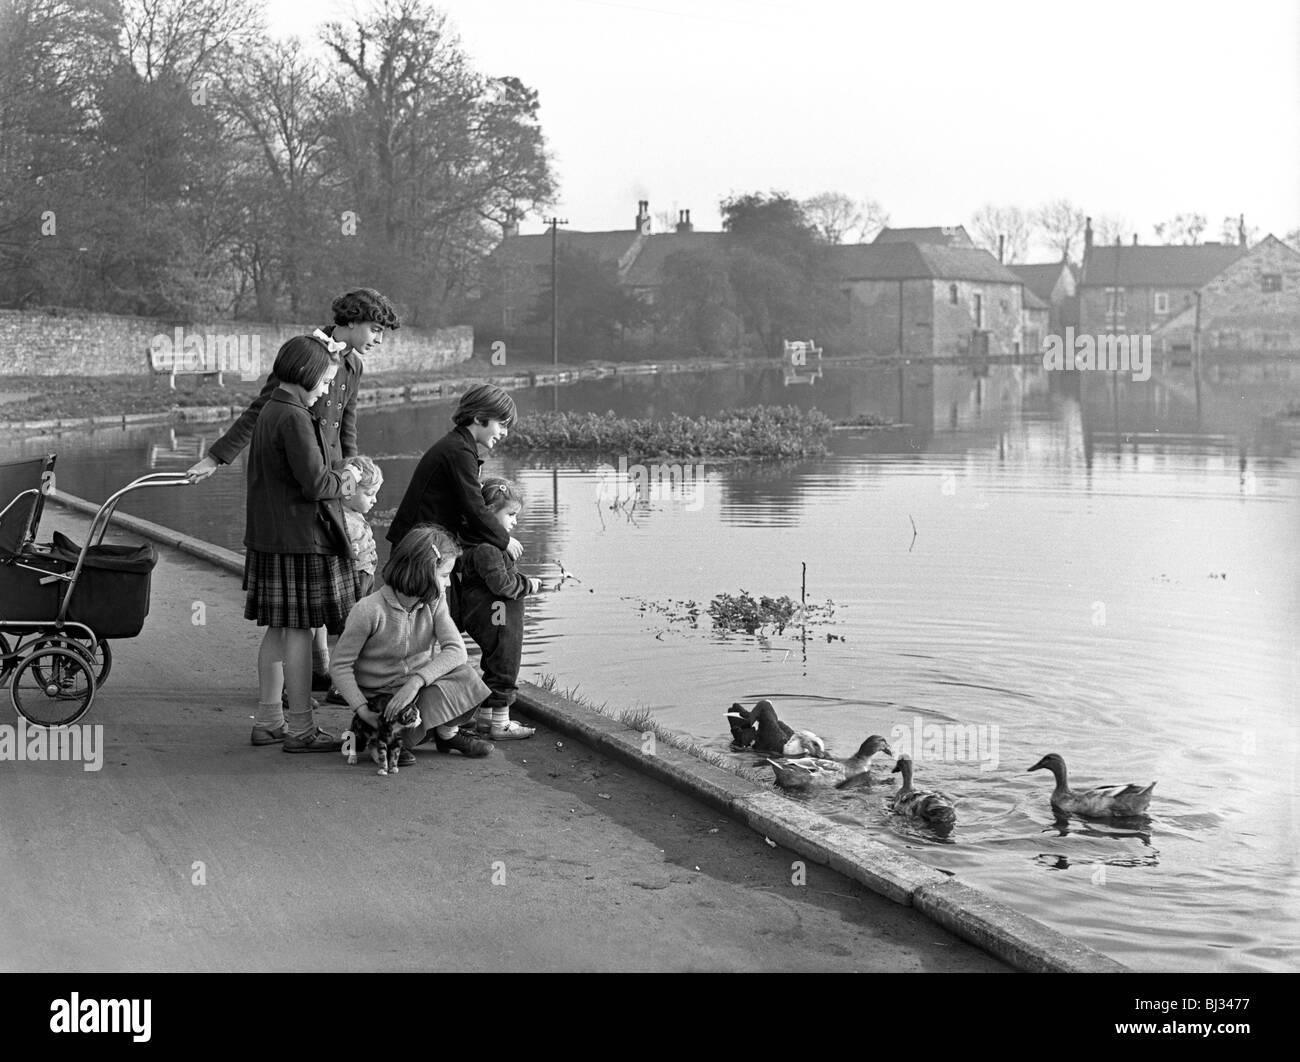 Duck Pond Village scène, Tickhill, Doncaster, South Yorkshire, 1961. Artiste: Michael Walters Photo Stock